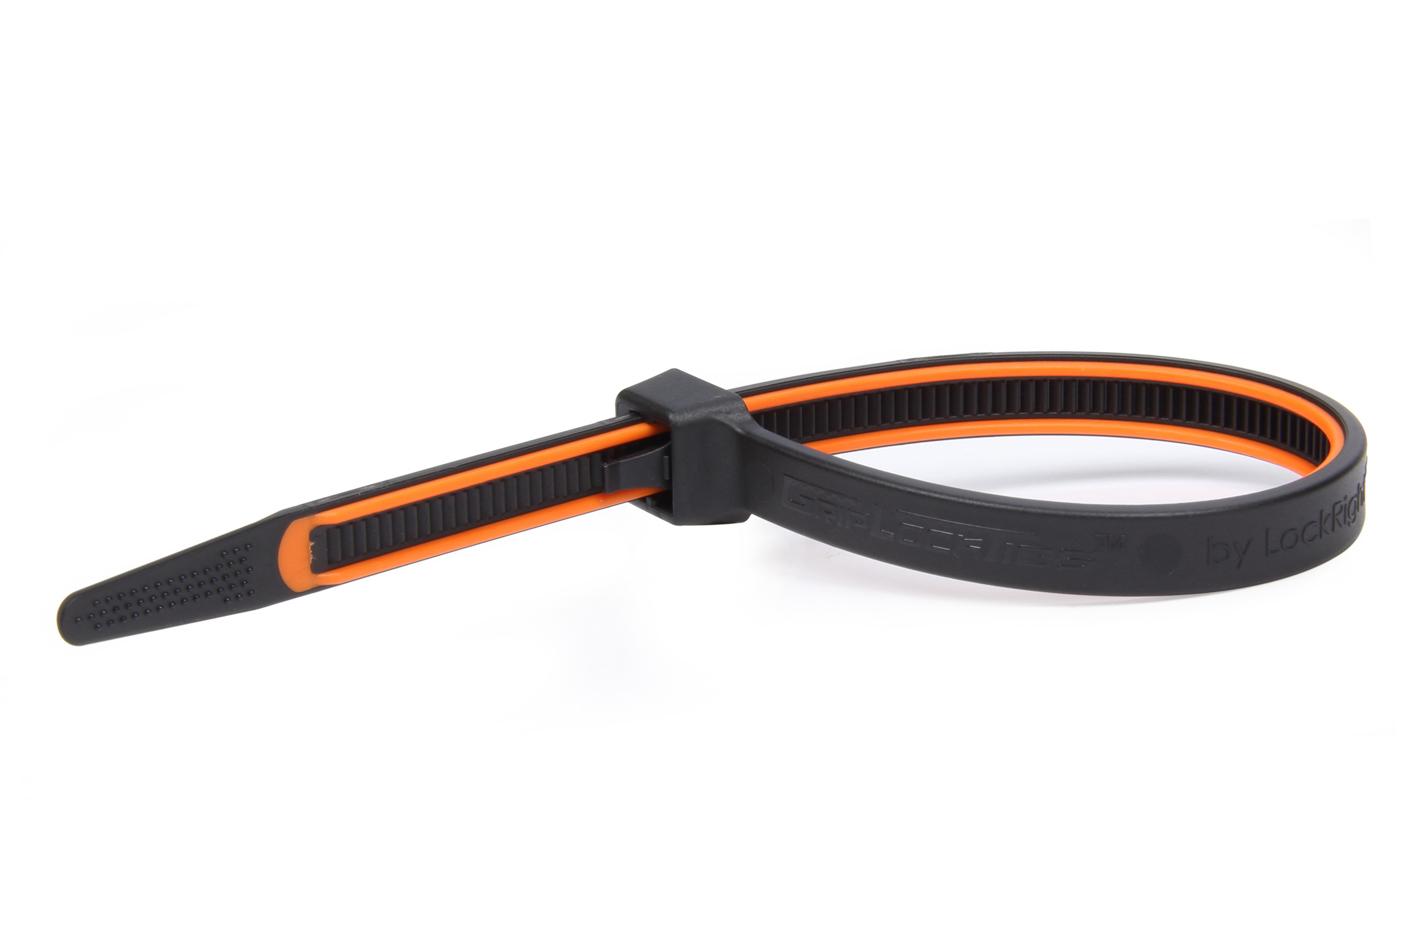 Grip Lock Ties 2912BKOGHB100 Cable Ties, Zip Ties, 12 in Long, Orange Rubber Lined, Nylon, Black, Reusable, Set of 100